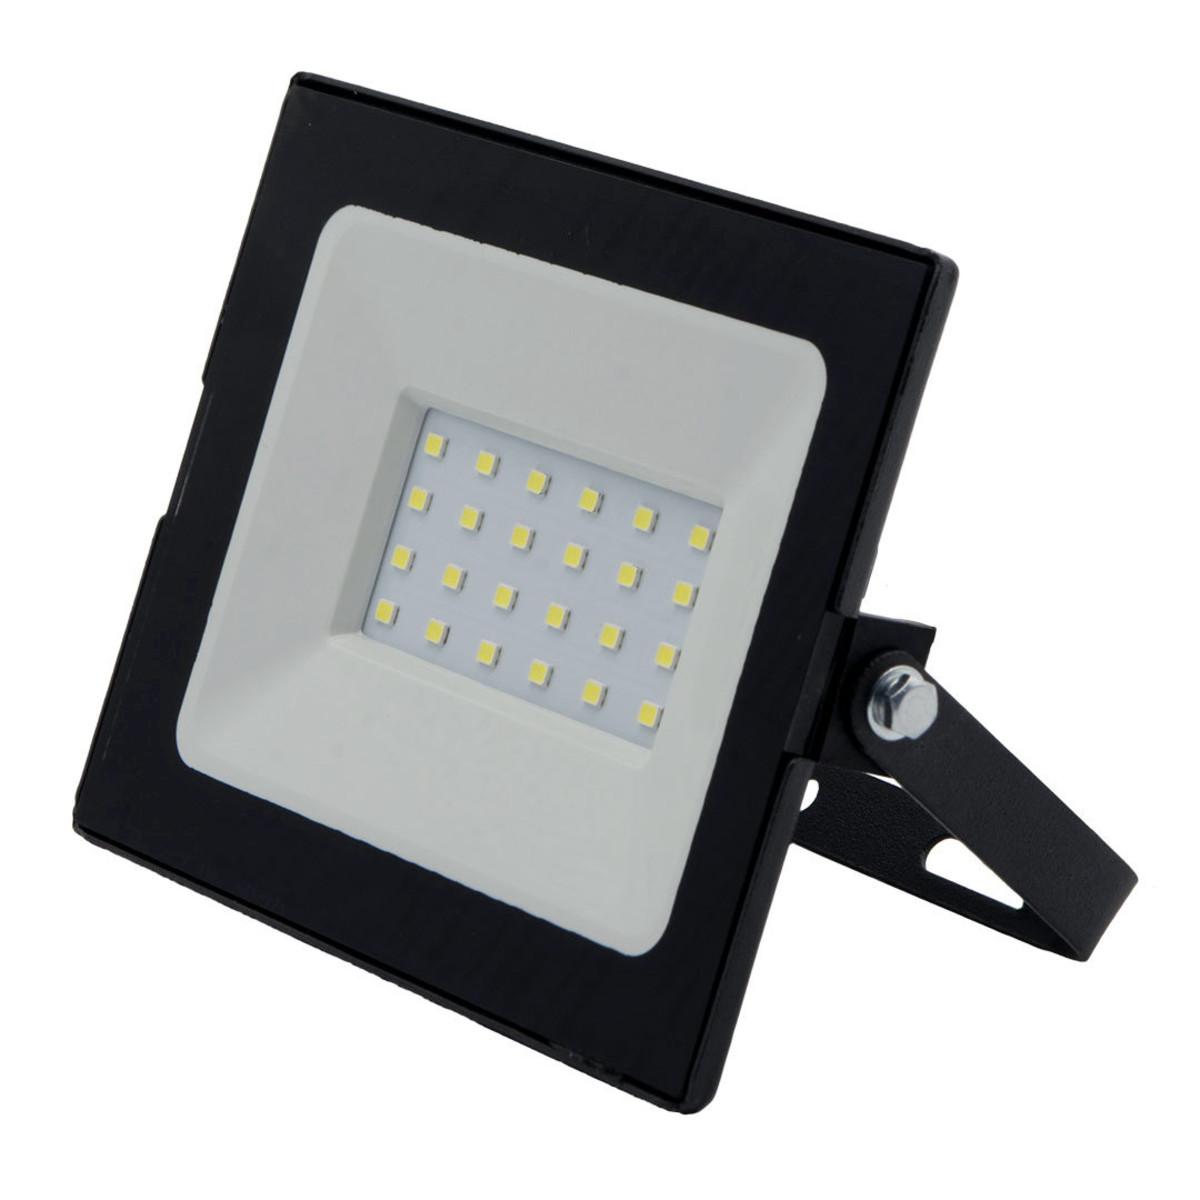 Прожектор уличный светодиодный Glanzen Fad FAD-0003-30-SL IP65 6500 К 2400 Лм